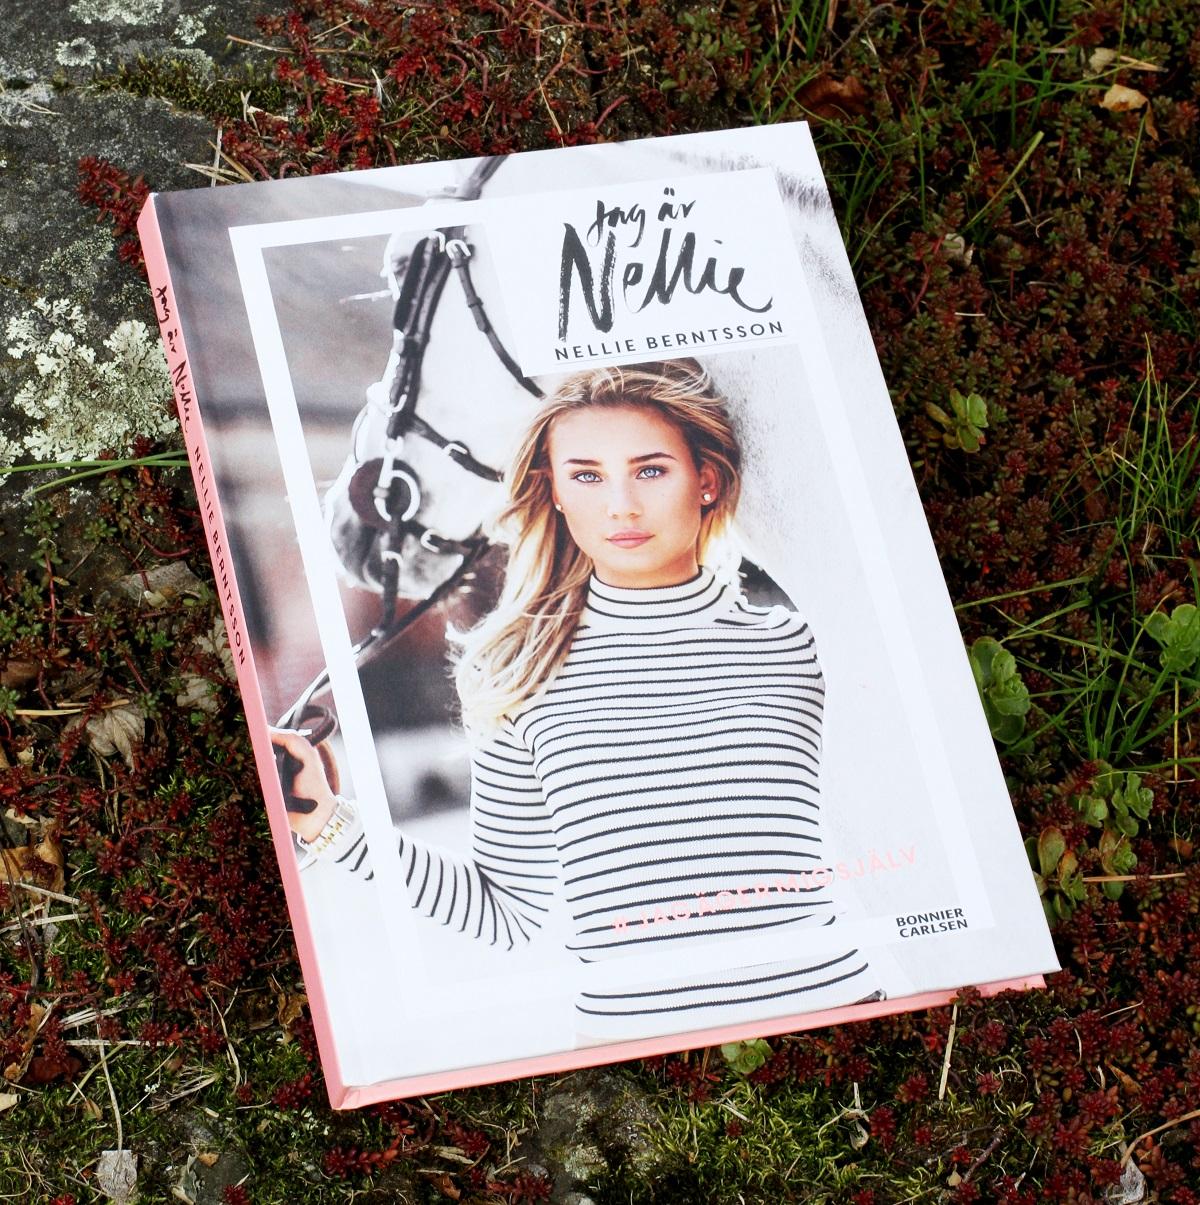 när fyller nellie berntsson år Recension: Jag är Nellie, av Nellie Berntsson – Just nu – Just här när fyller nellie berntsson år